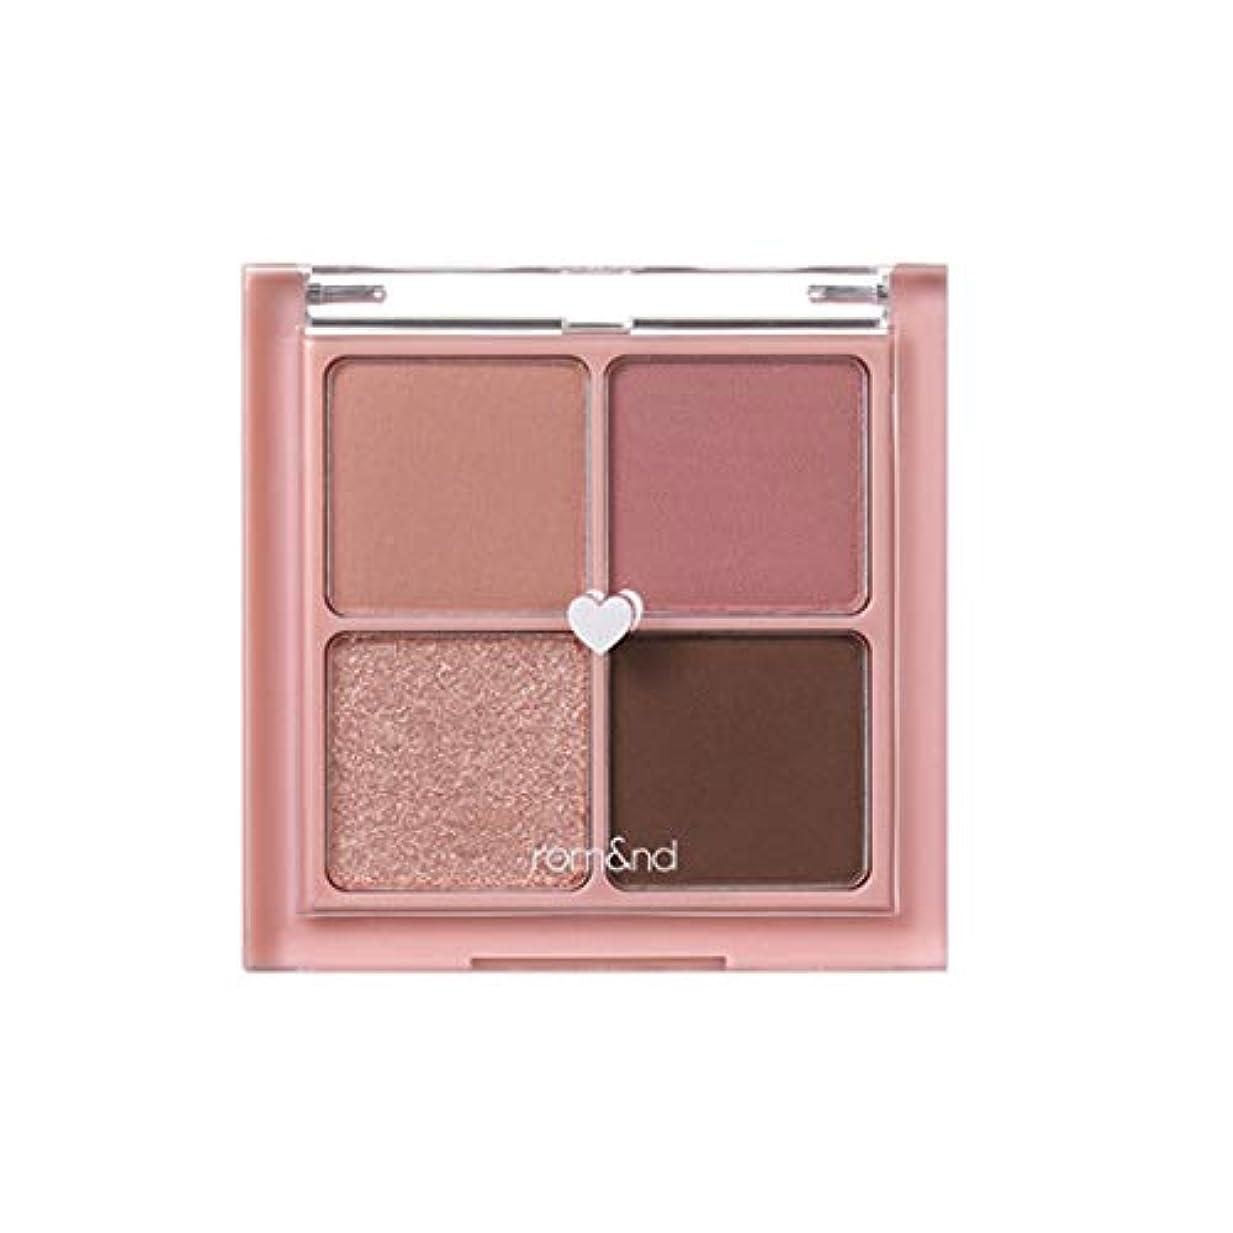 トリッキー慈悲強制rom&nd BETTER THAN EYES Eyeshadow Palette 4色のアイシャドウパレット # 2 DRY rose(並行輸入品)